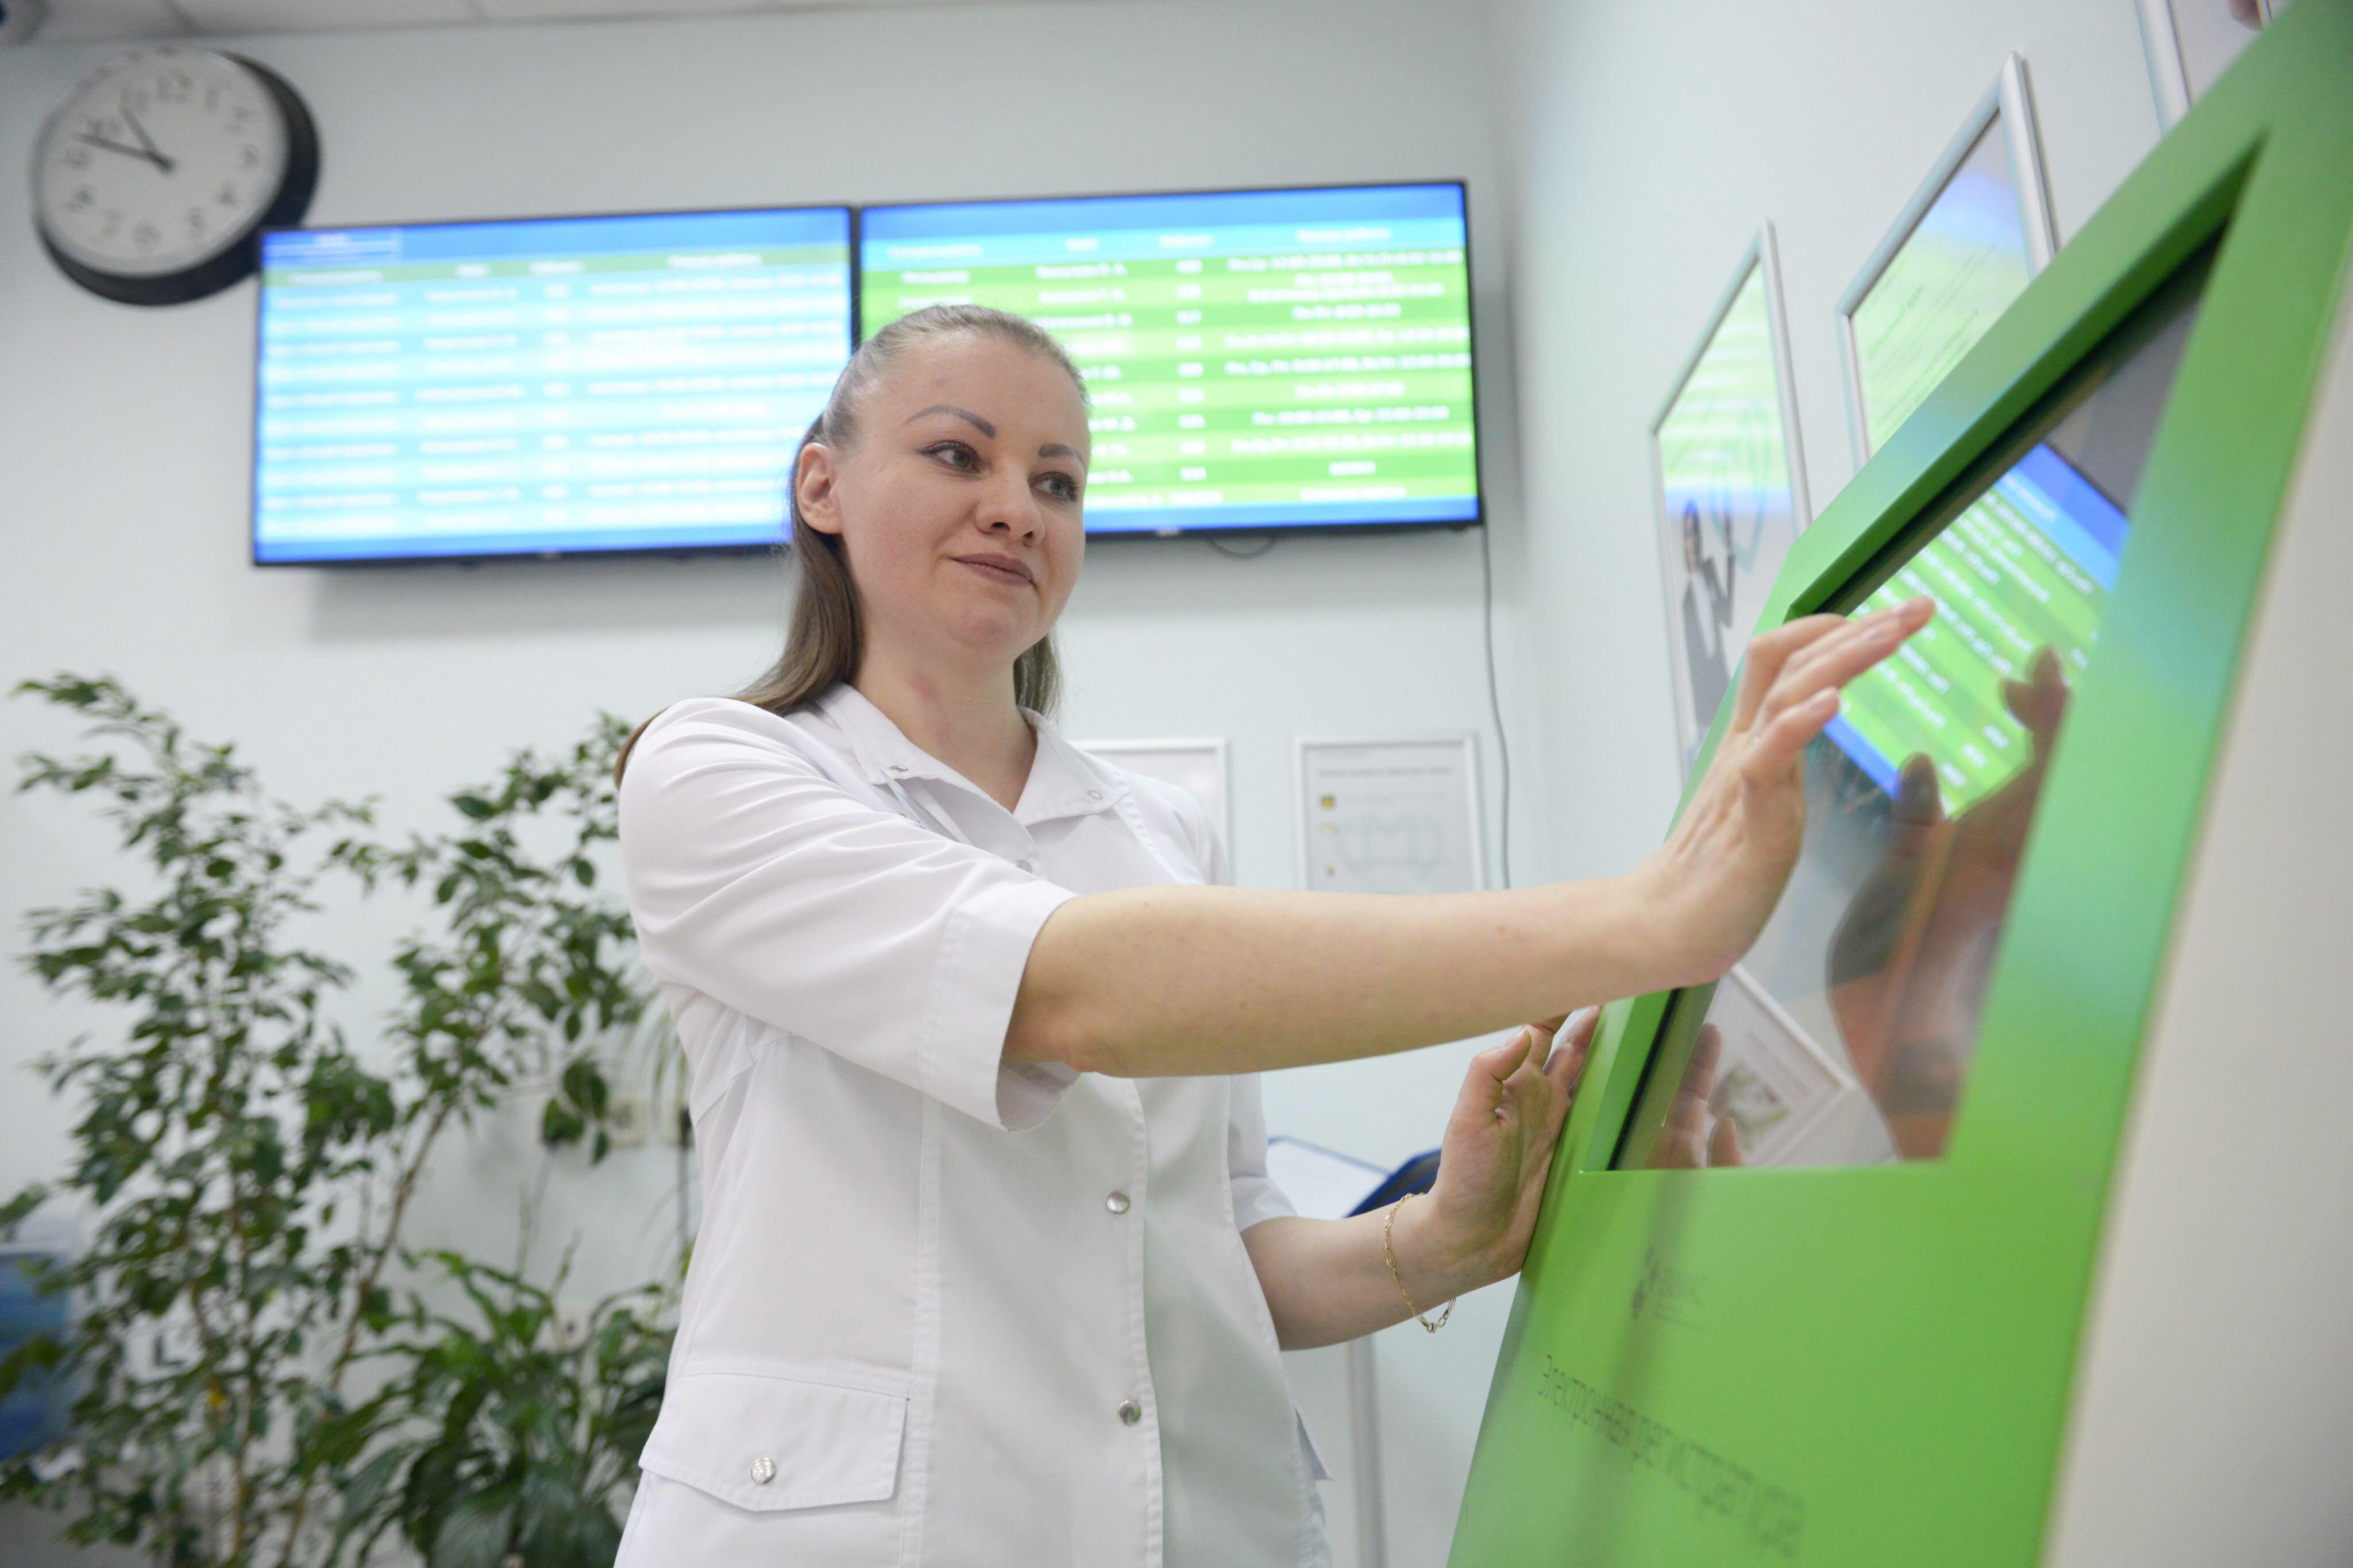 Алексей Хрипун: Москва продолжит внедрять новый стандарт поликлиник